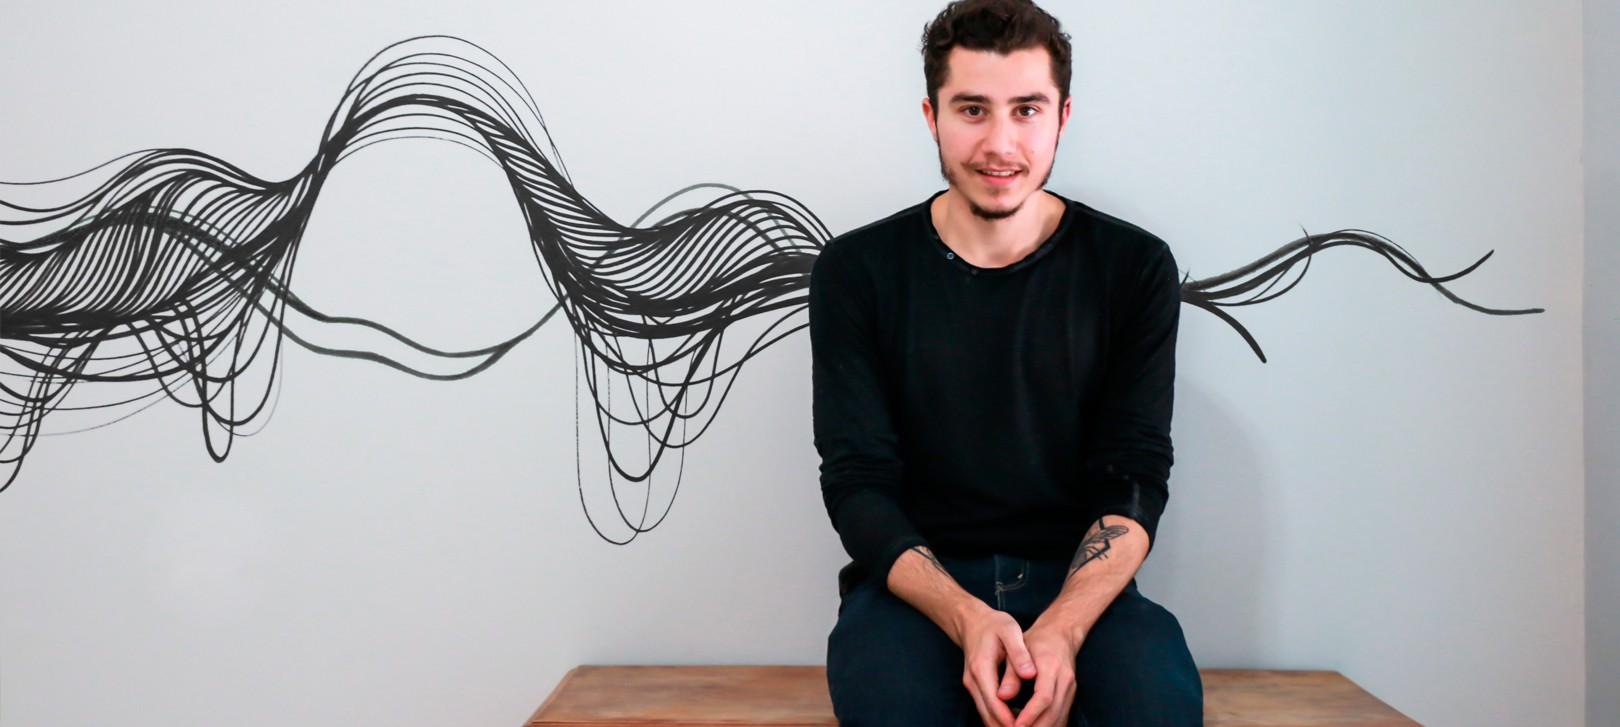 Em mescla de traços e curvas Giuliano Martinuzzo segue com exposição em SP